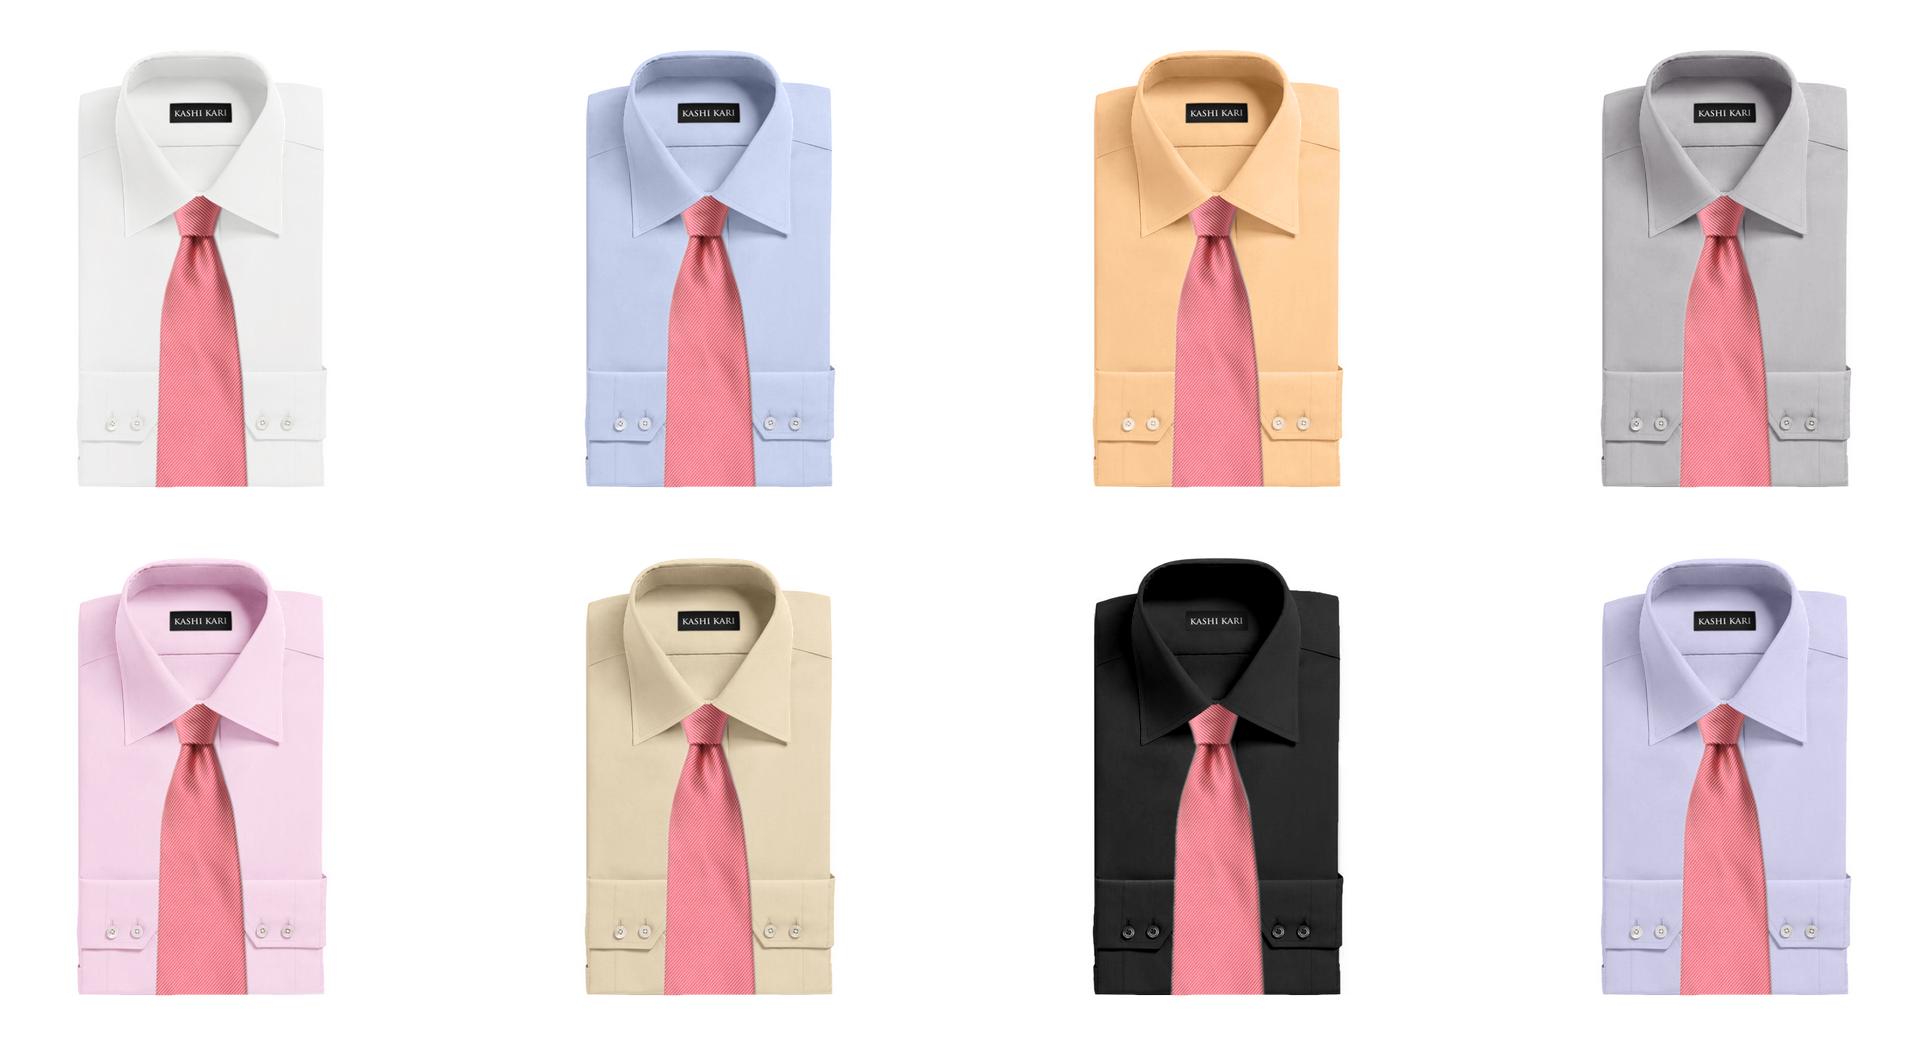 ピンク色のネクタイと無地シャツの組み合わせ